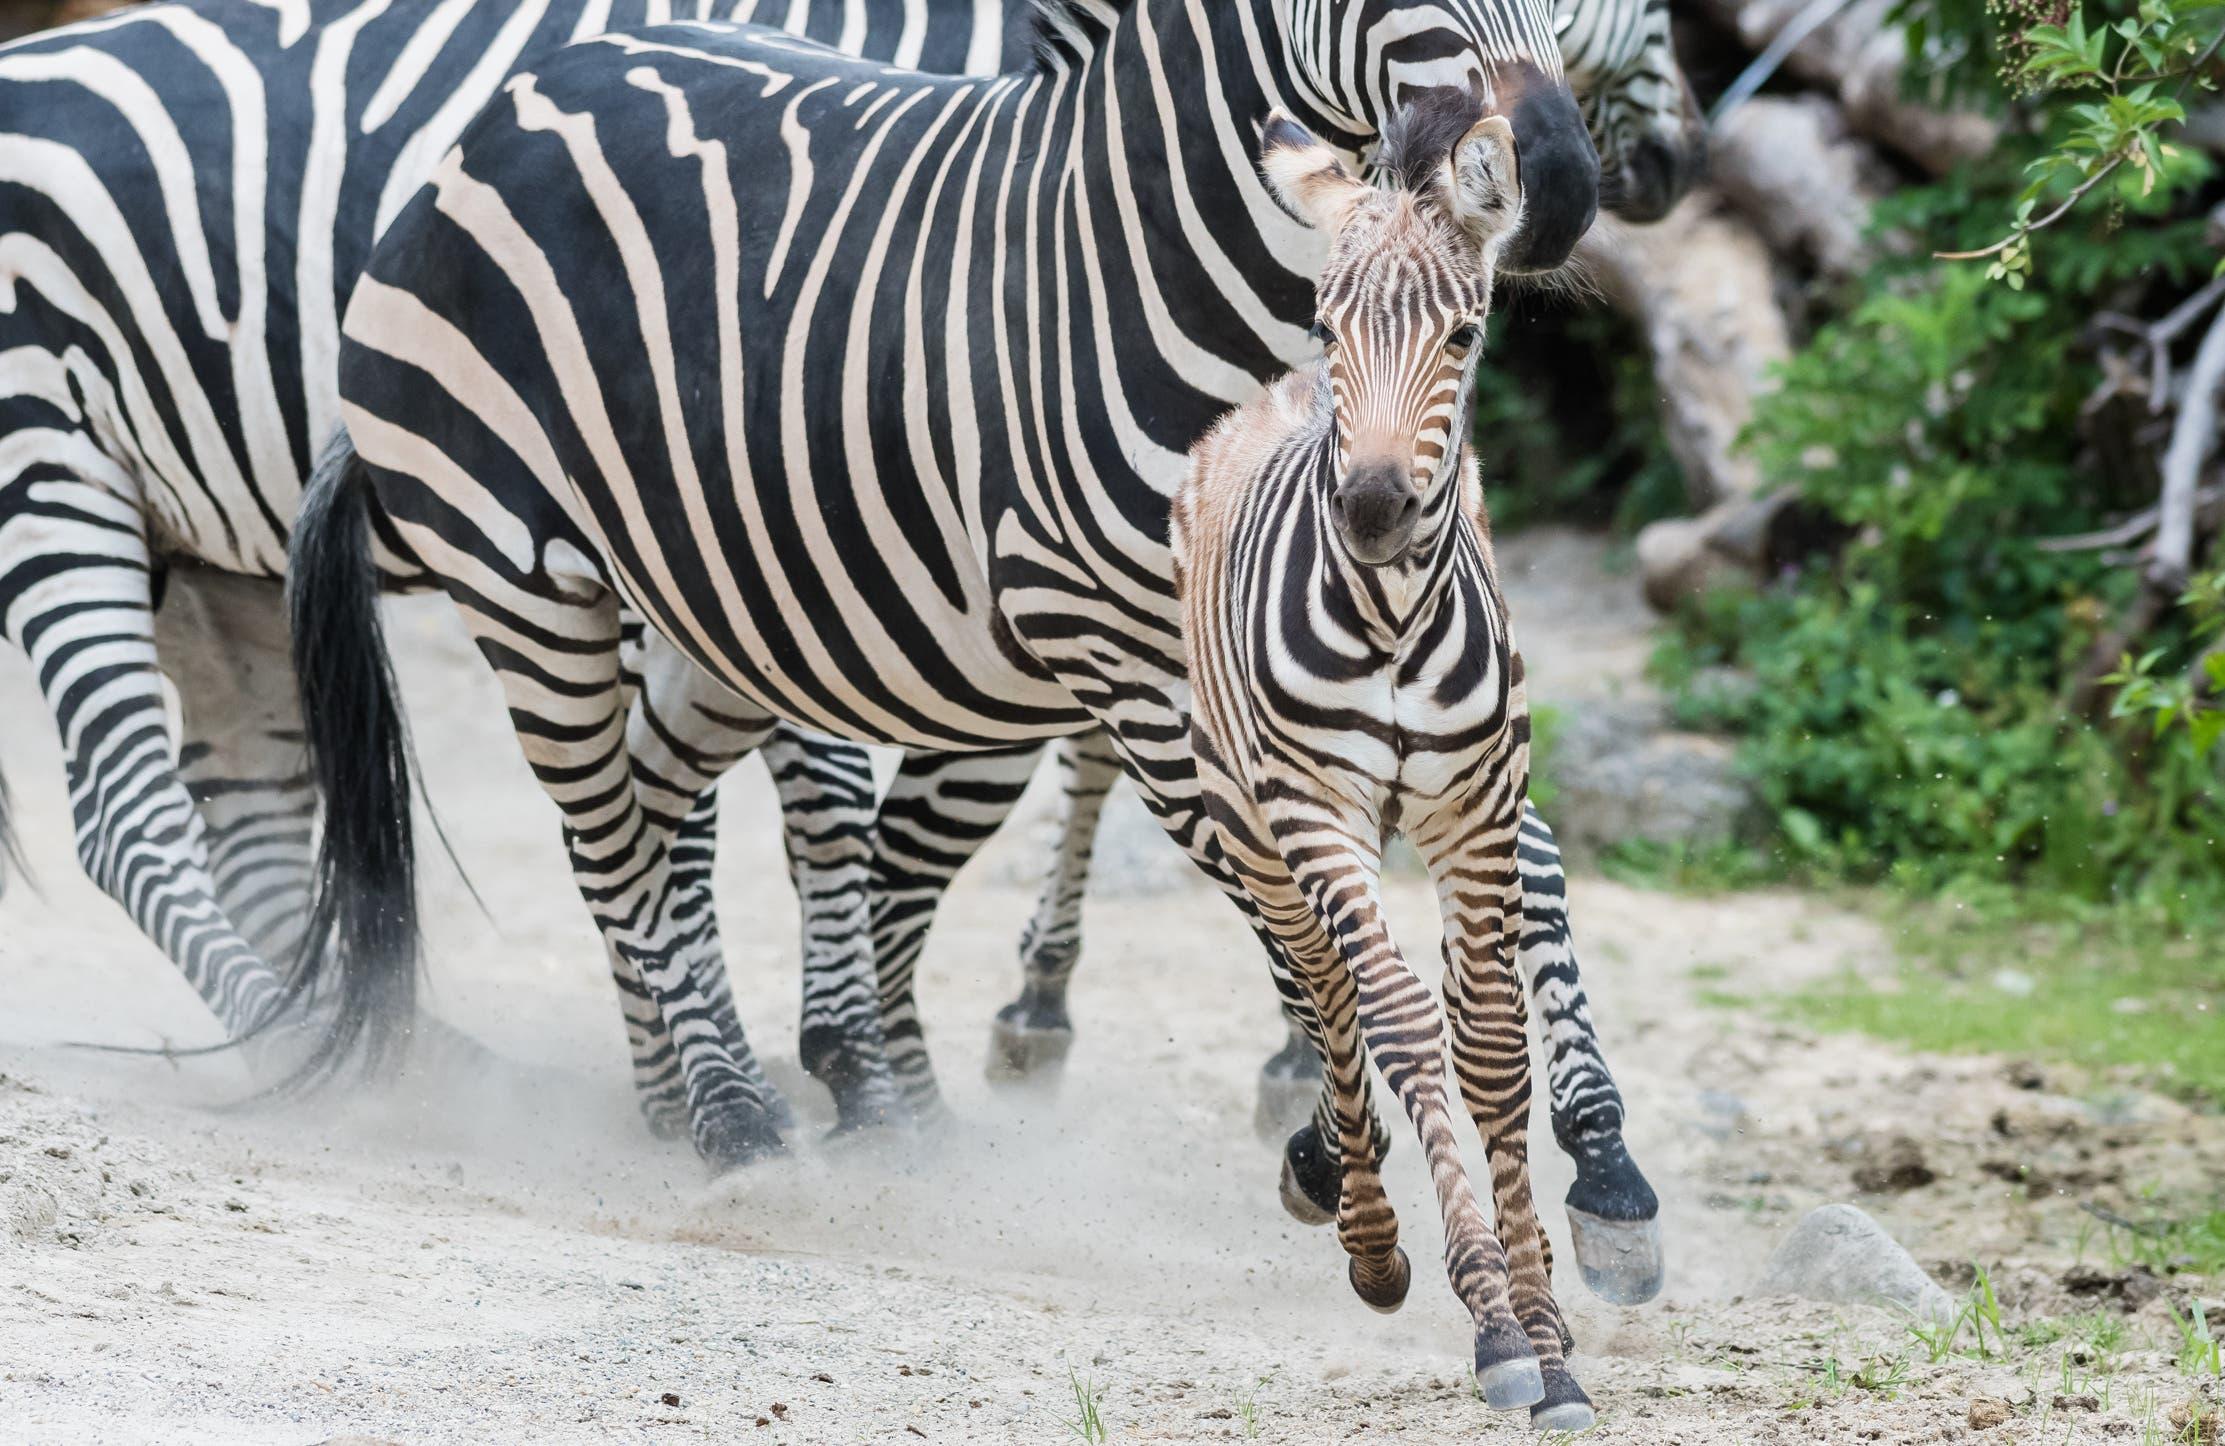 Das versetzte die Tier-WG auf der Afrikaanlage in Aufregung.